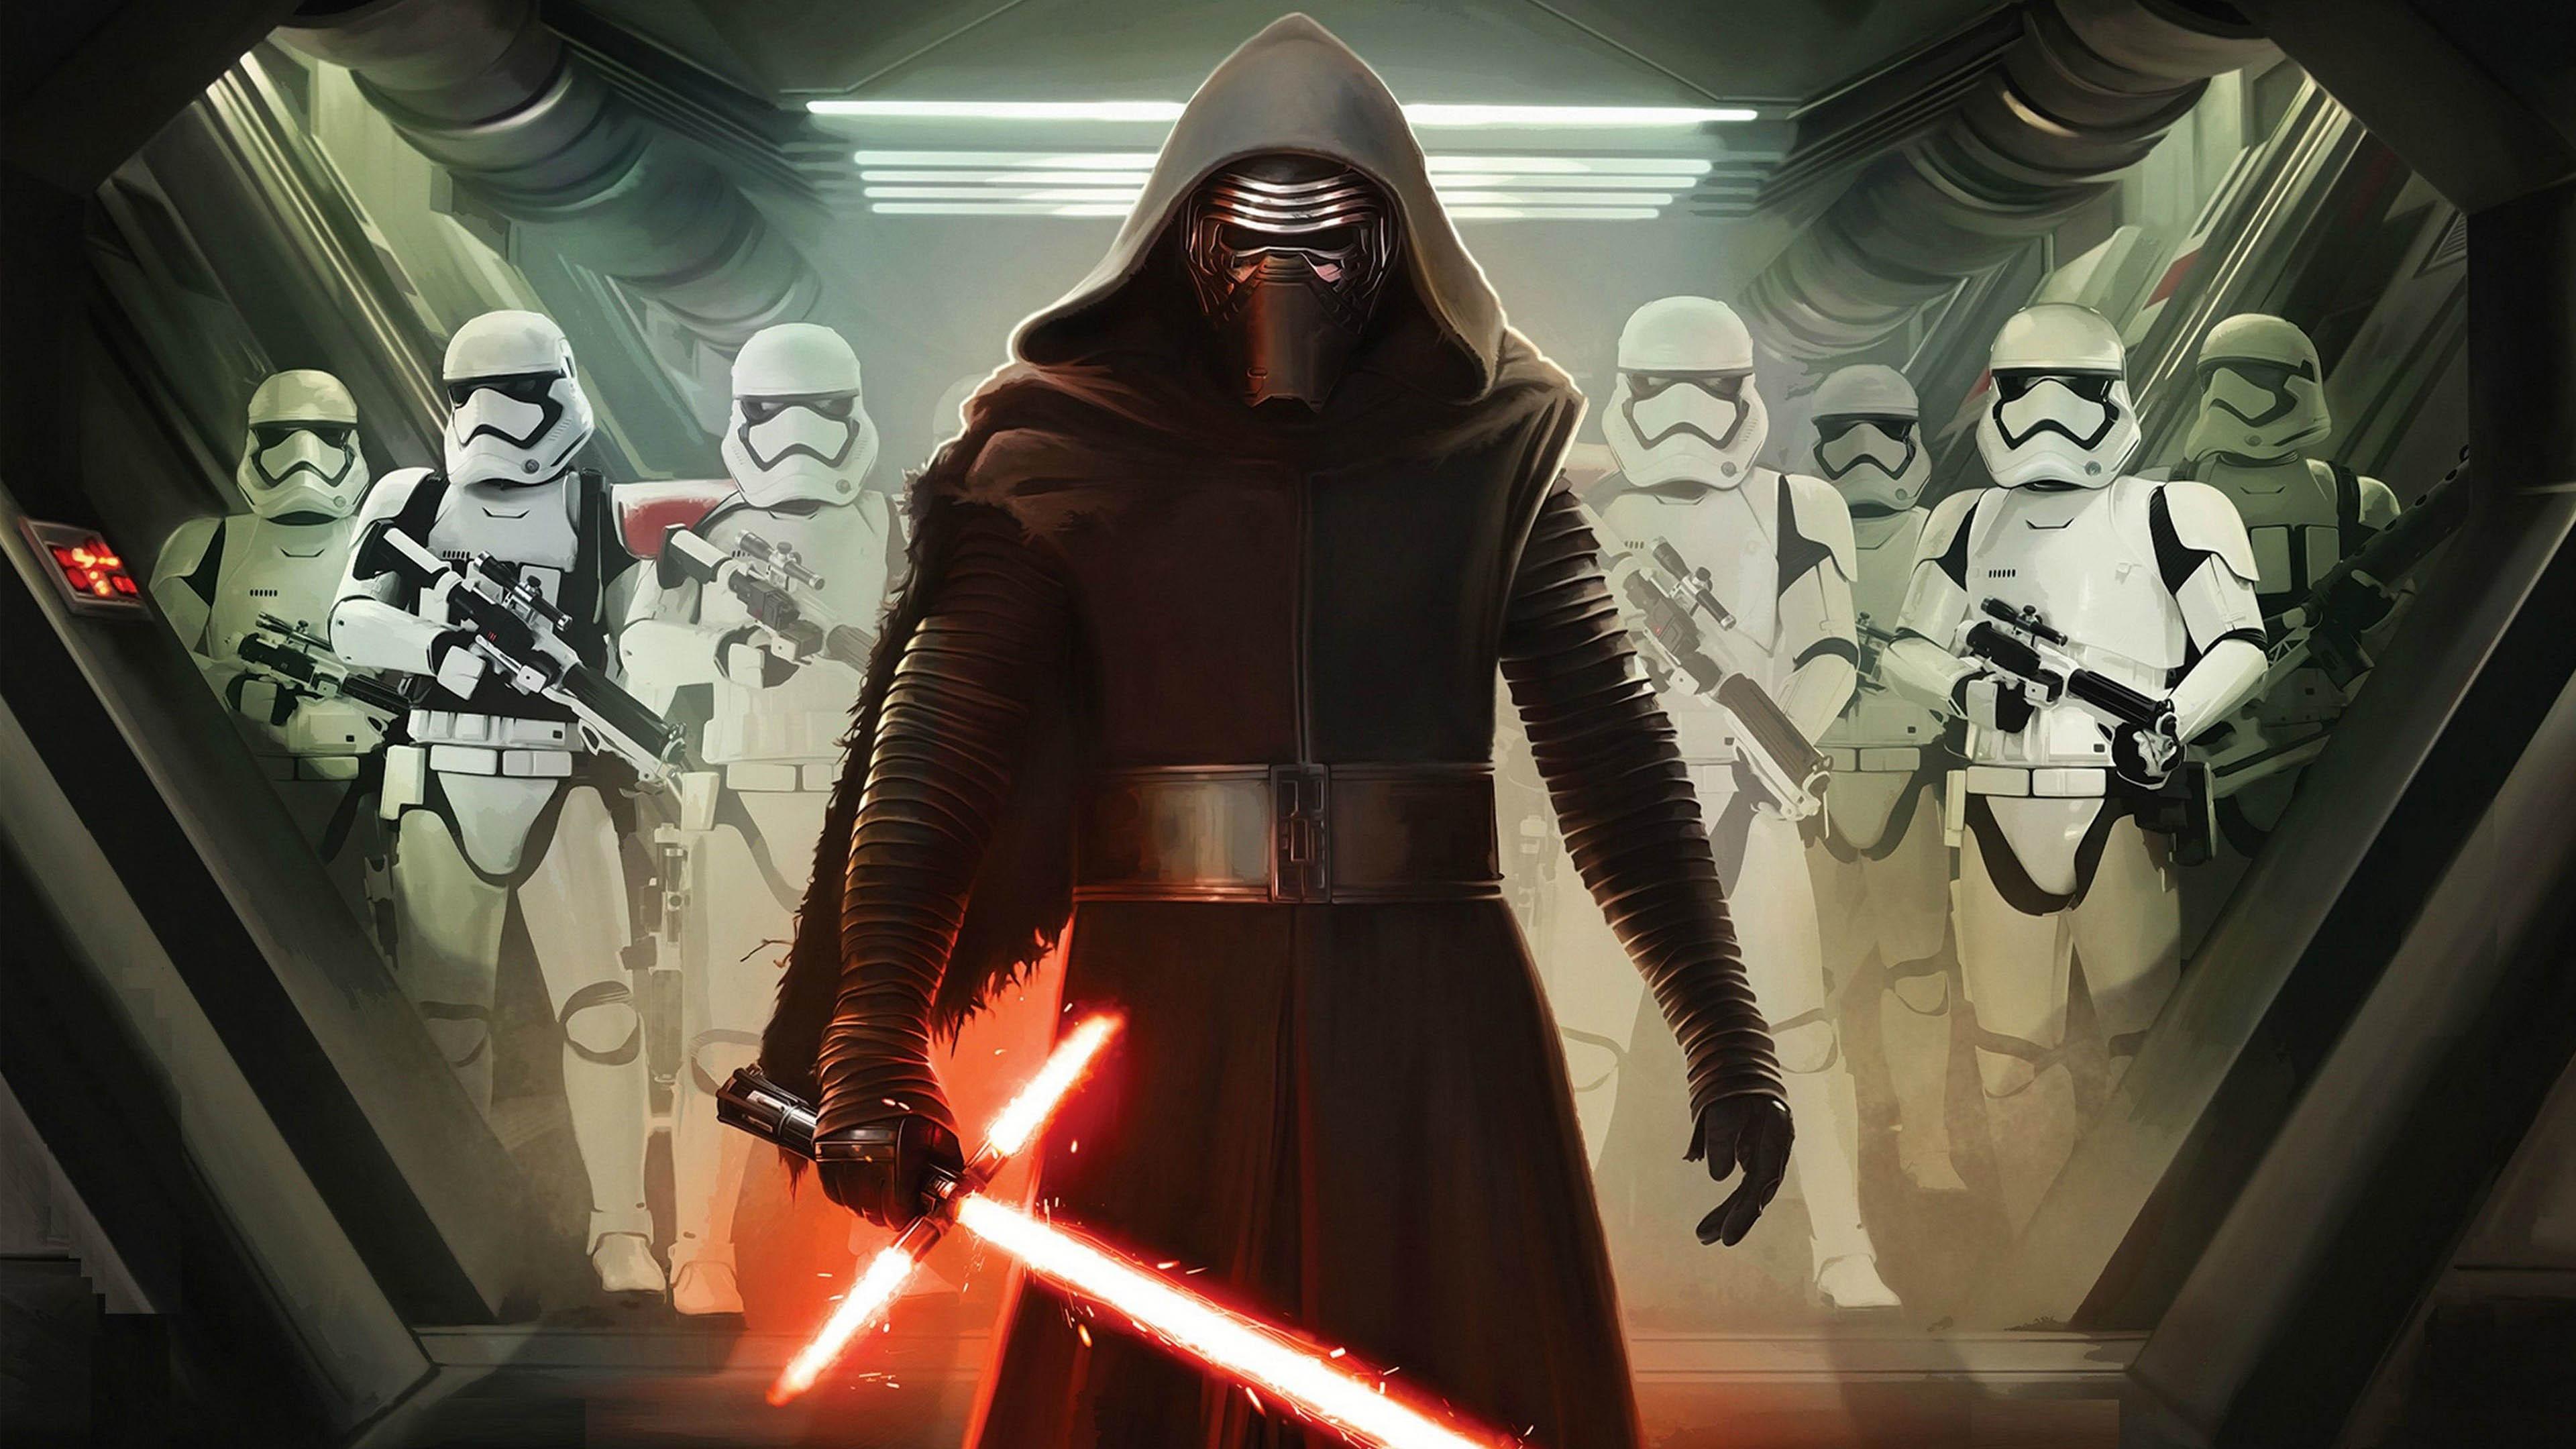 Wars 7 The Force Awakens   Kylo Ren Stormtroopers   3840x2160   4K 3840x2160